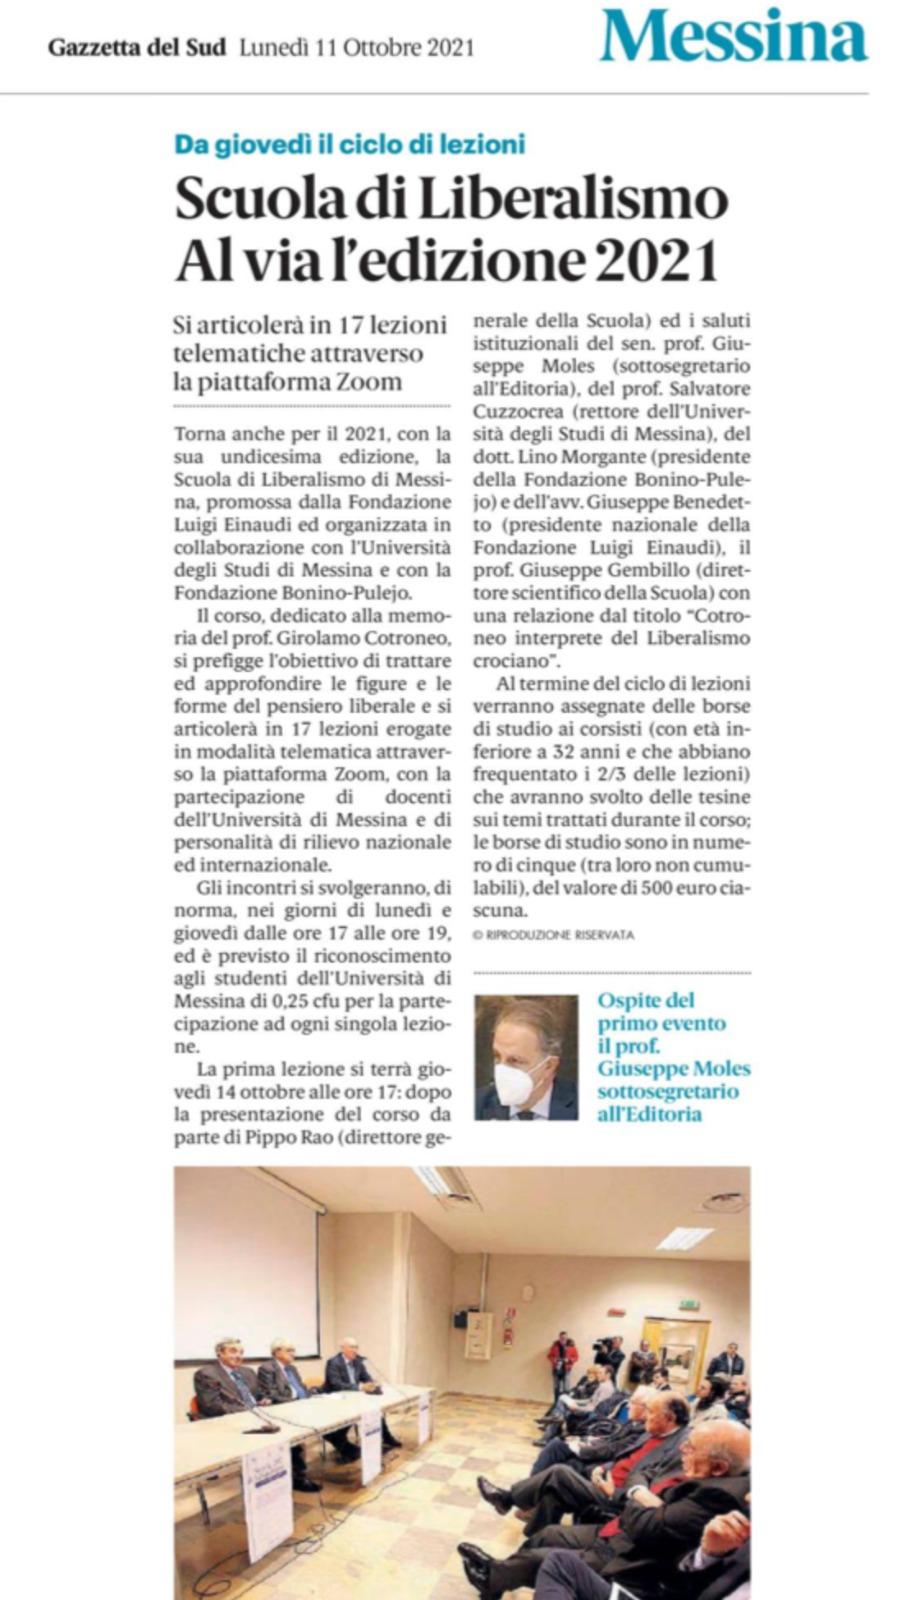 Scuola di Liberalismo Messina. Al via l'edizione 2021